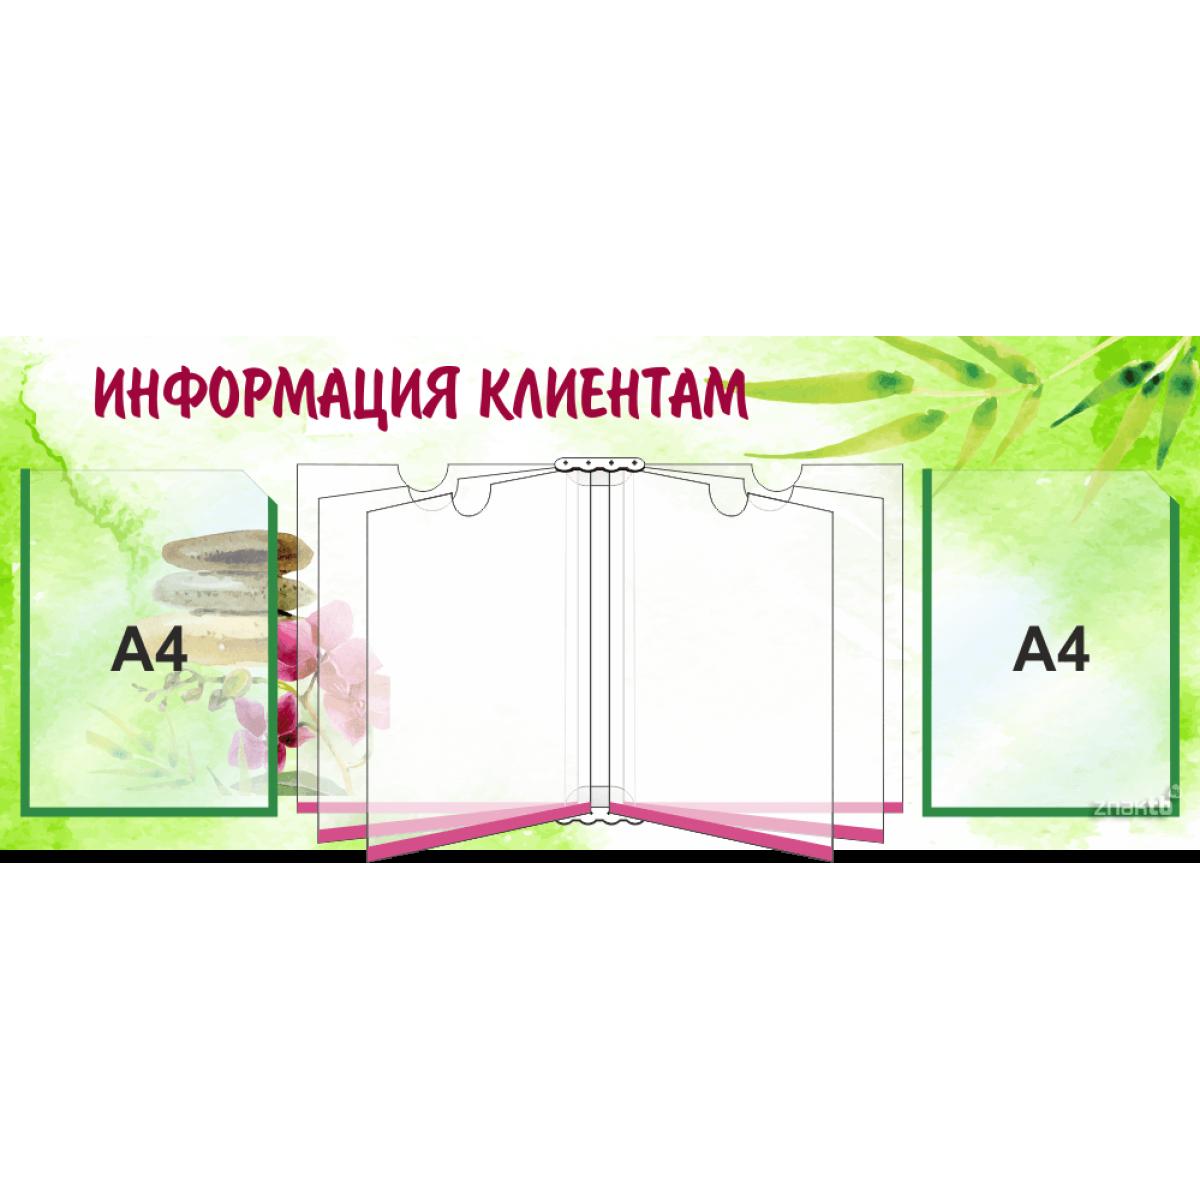 Стенд информационный 4122, с 2 карманами (А4) и книгой (А4)